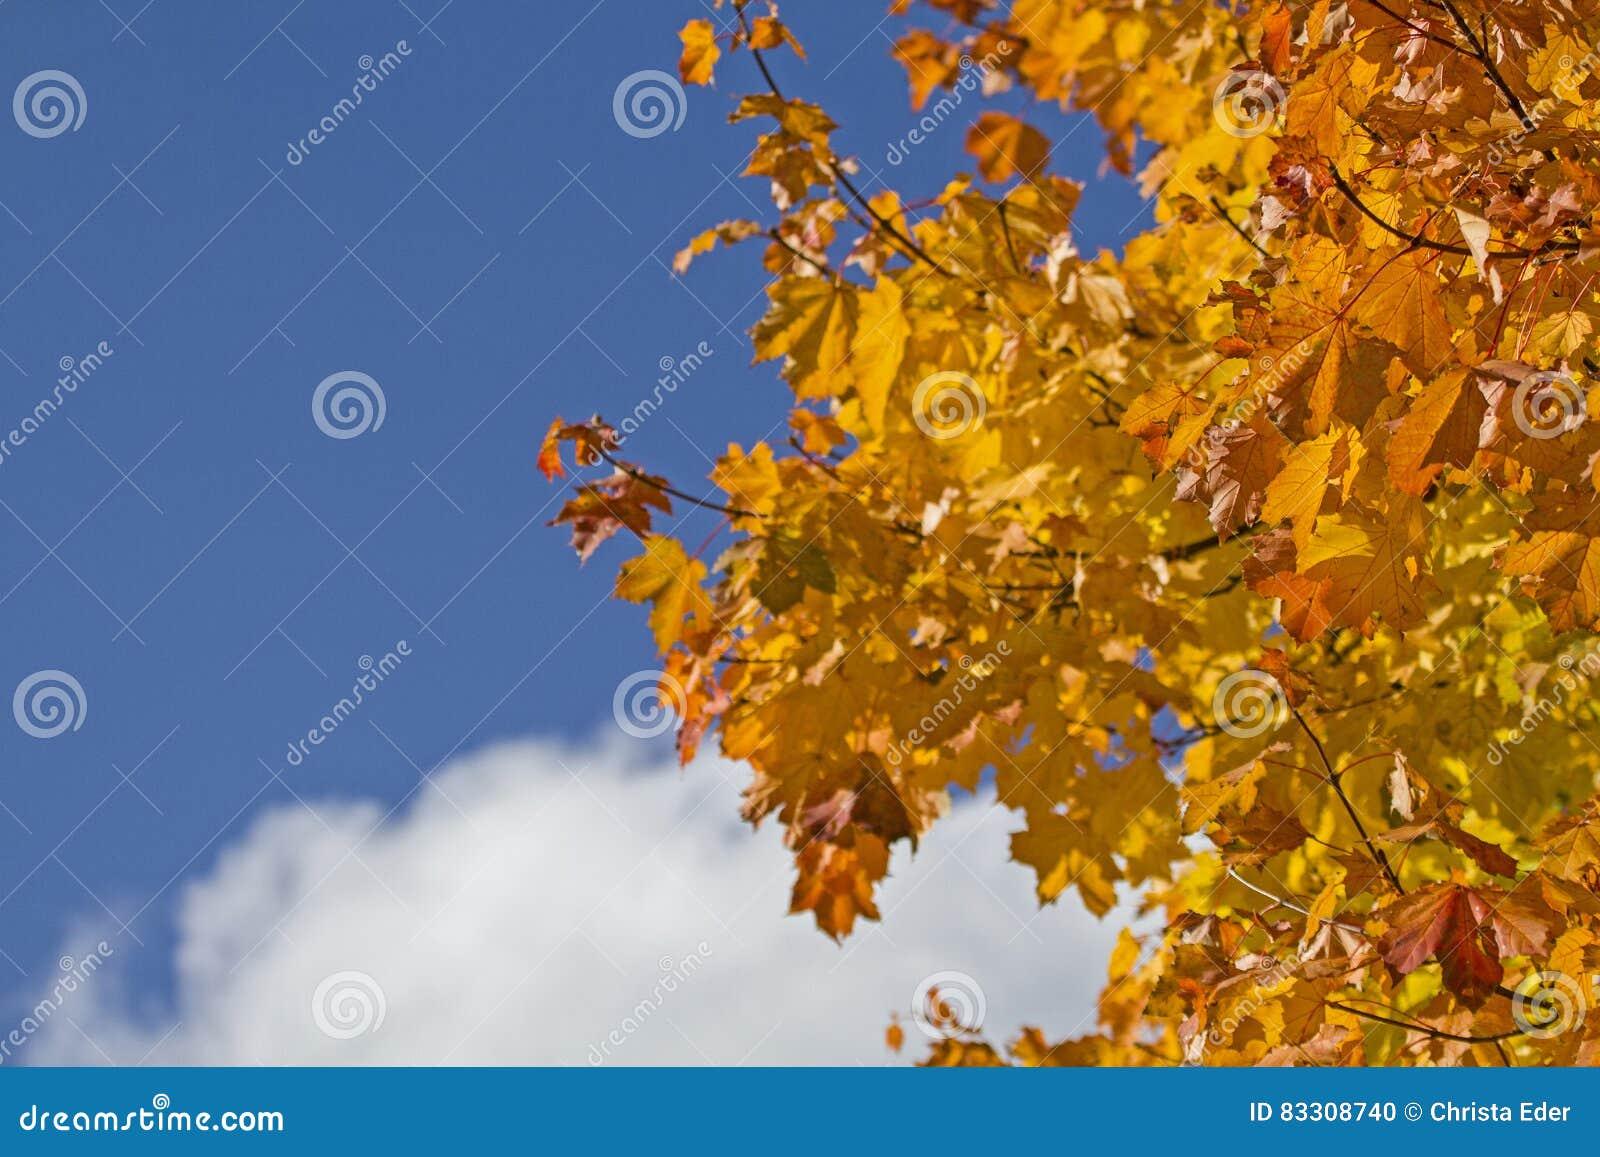 Hoja Que Colorea En Octubre Foto de archivo - Imagen de arce, cielo ...